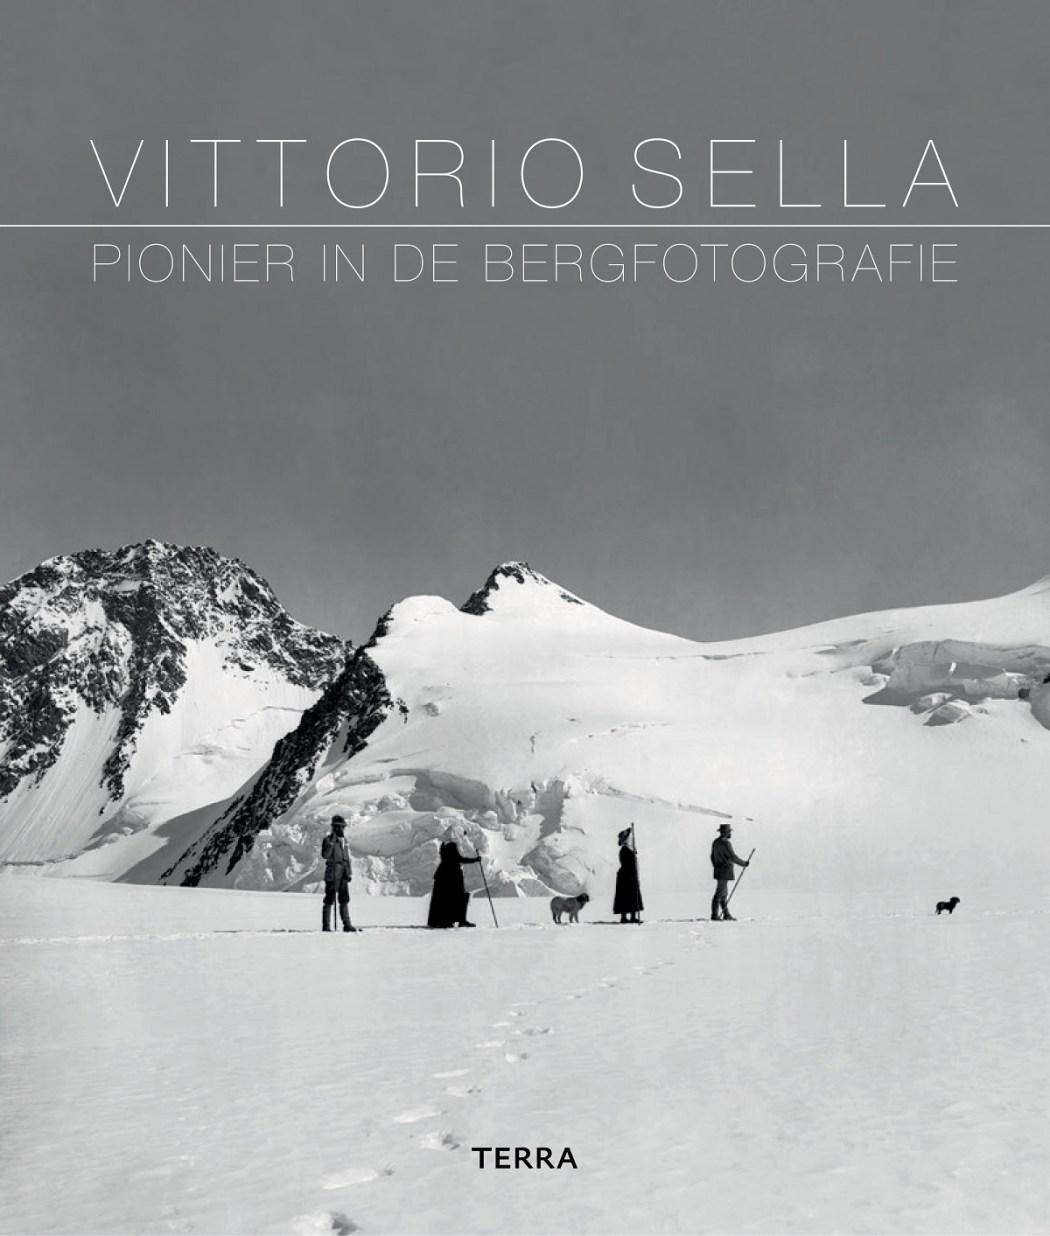 Vittorio Sella, Pionier in de bergfotografie